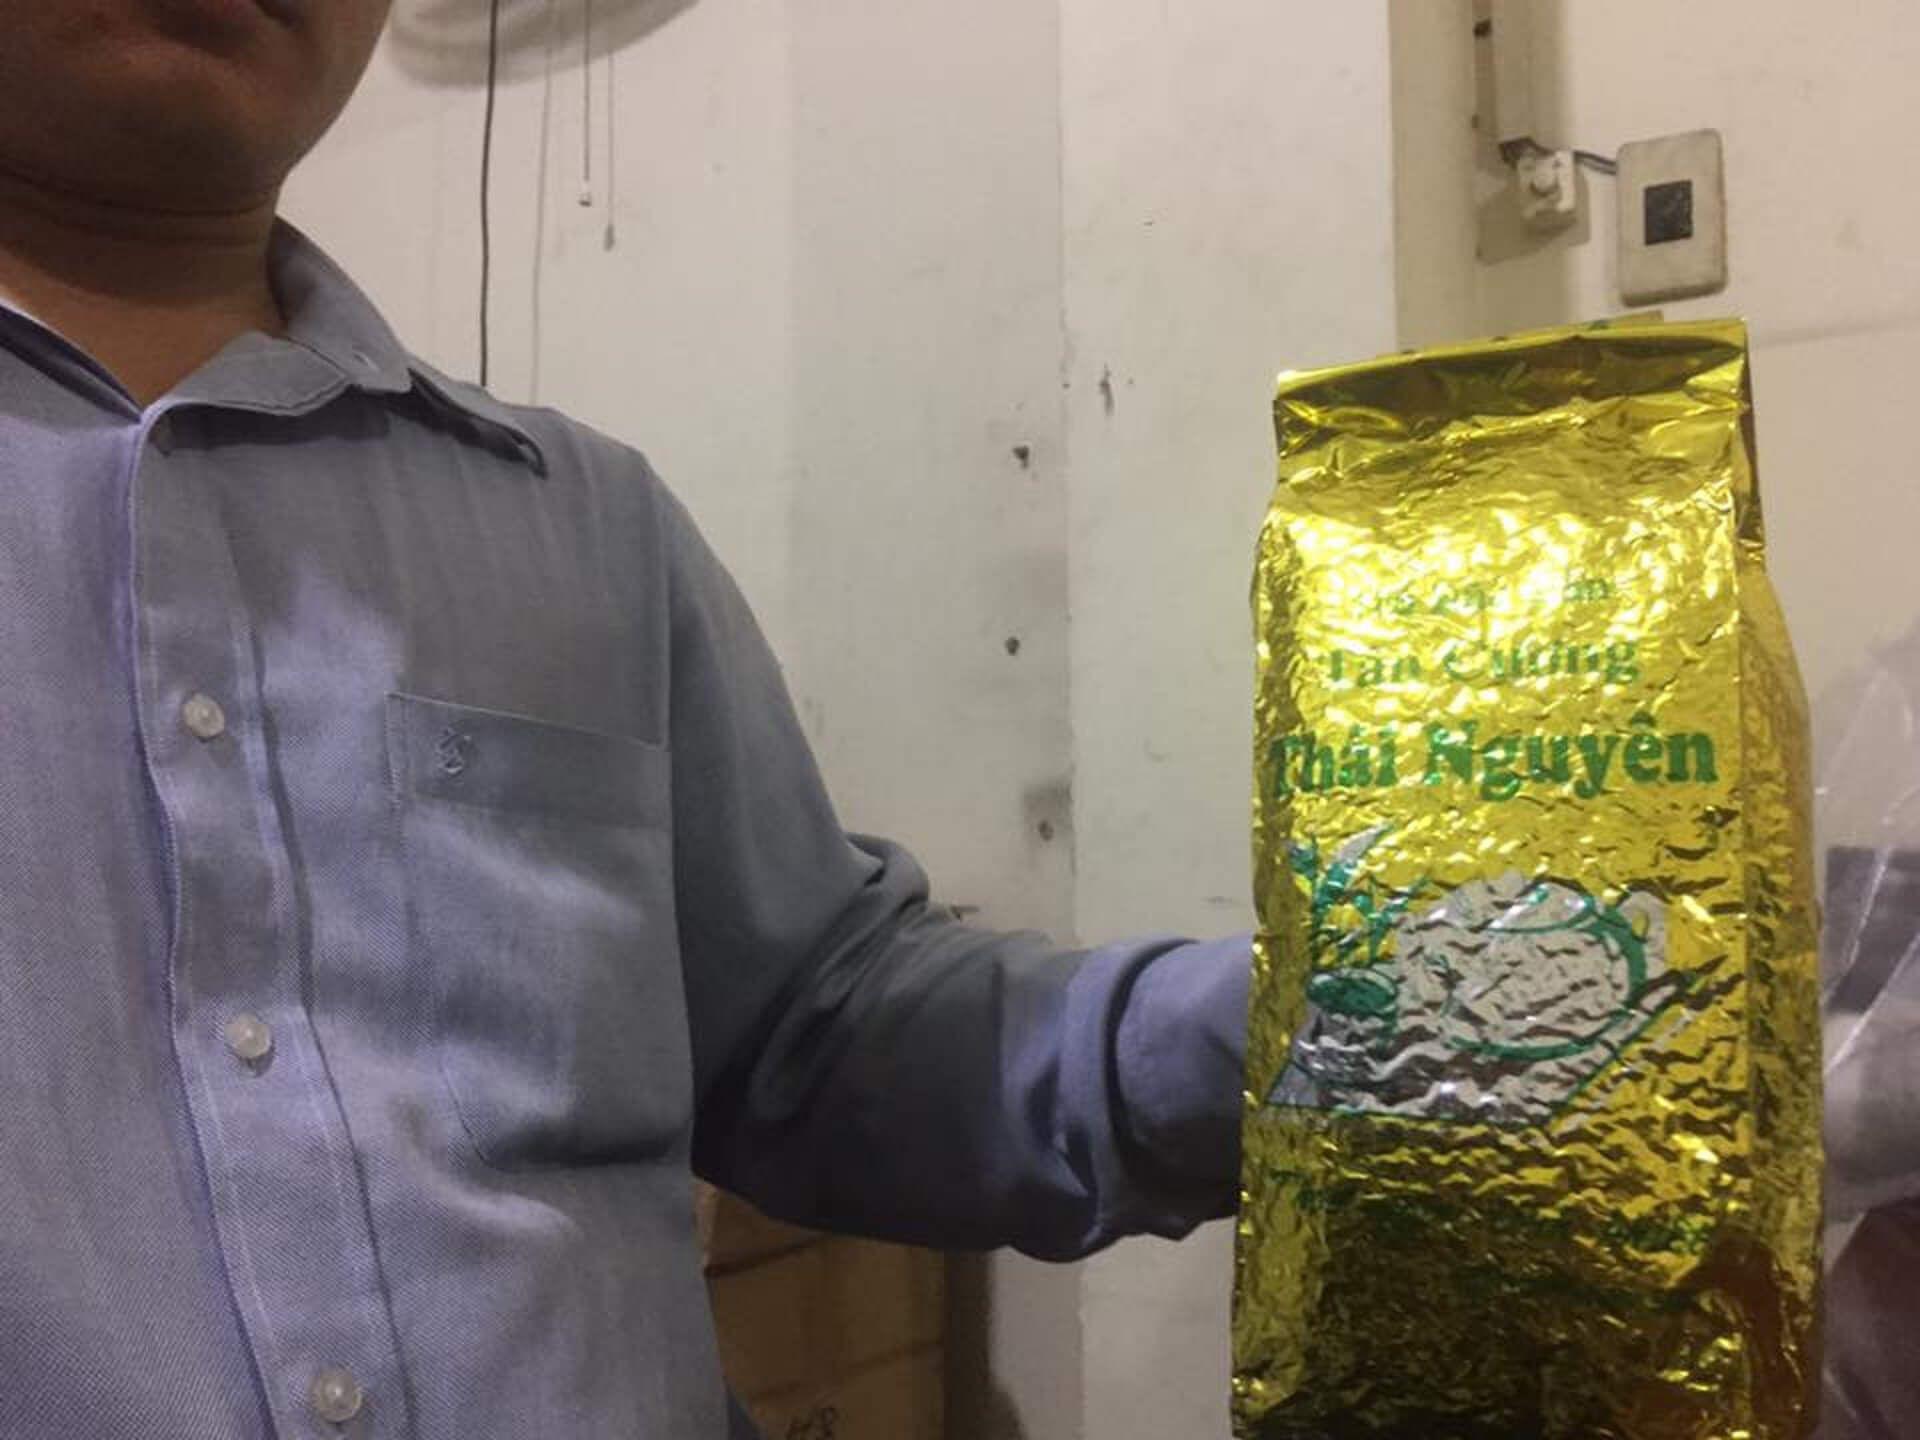 Thời của mác sạch lên ngôi, tất cả sản phẩm đều có thể mang danh trà sạch Tân Cương Thái Nguyên